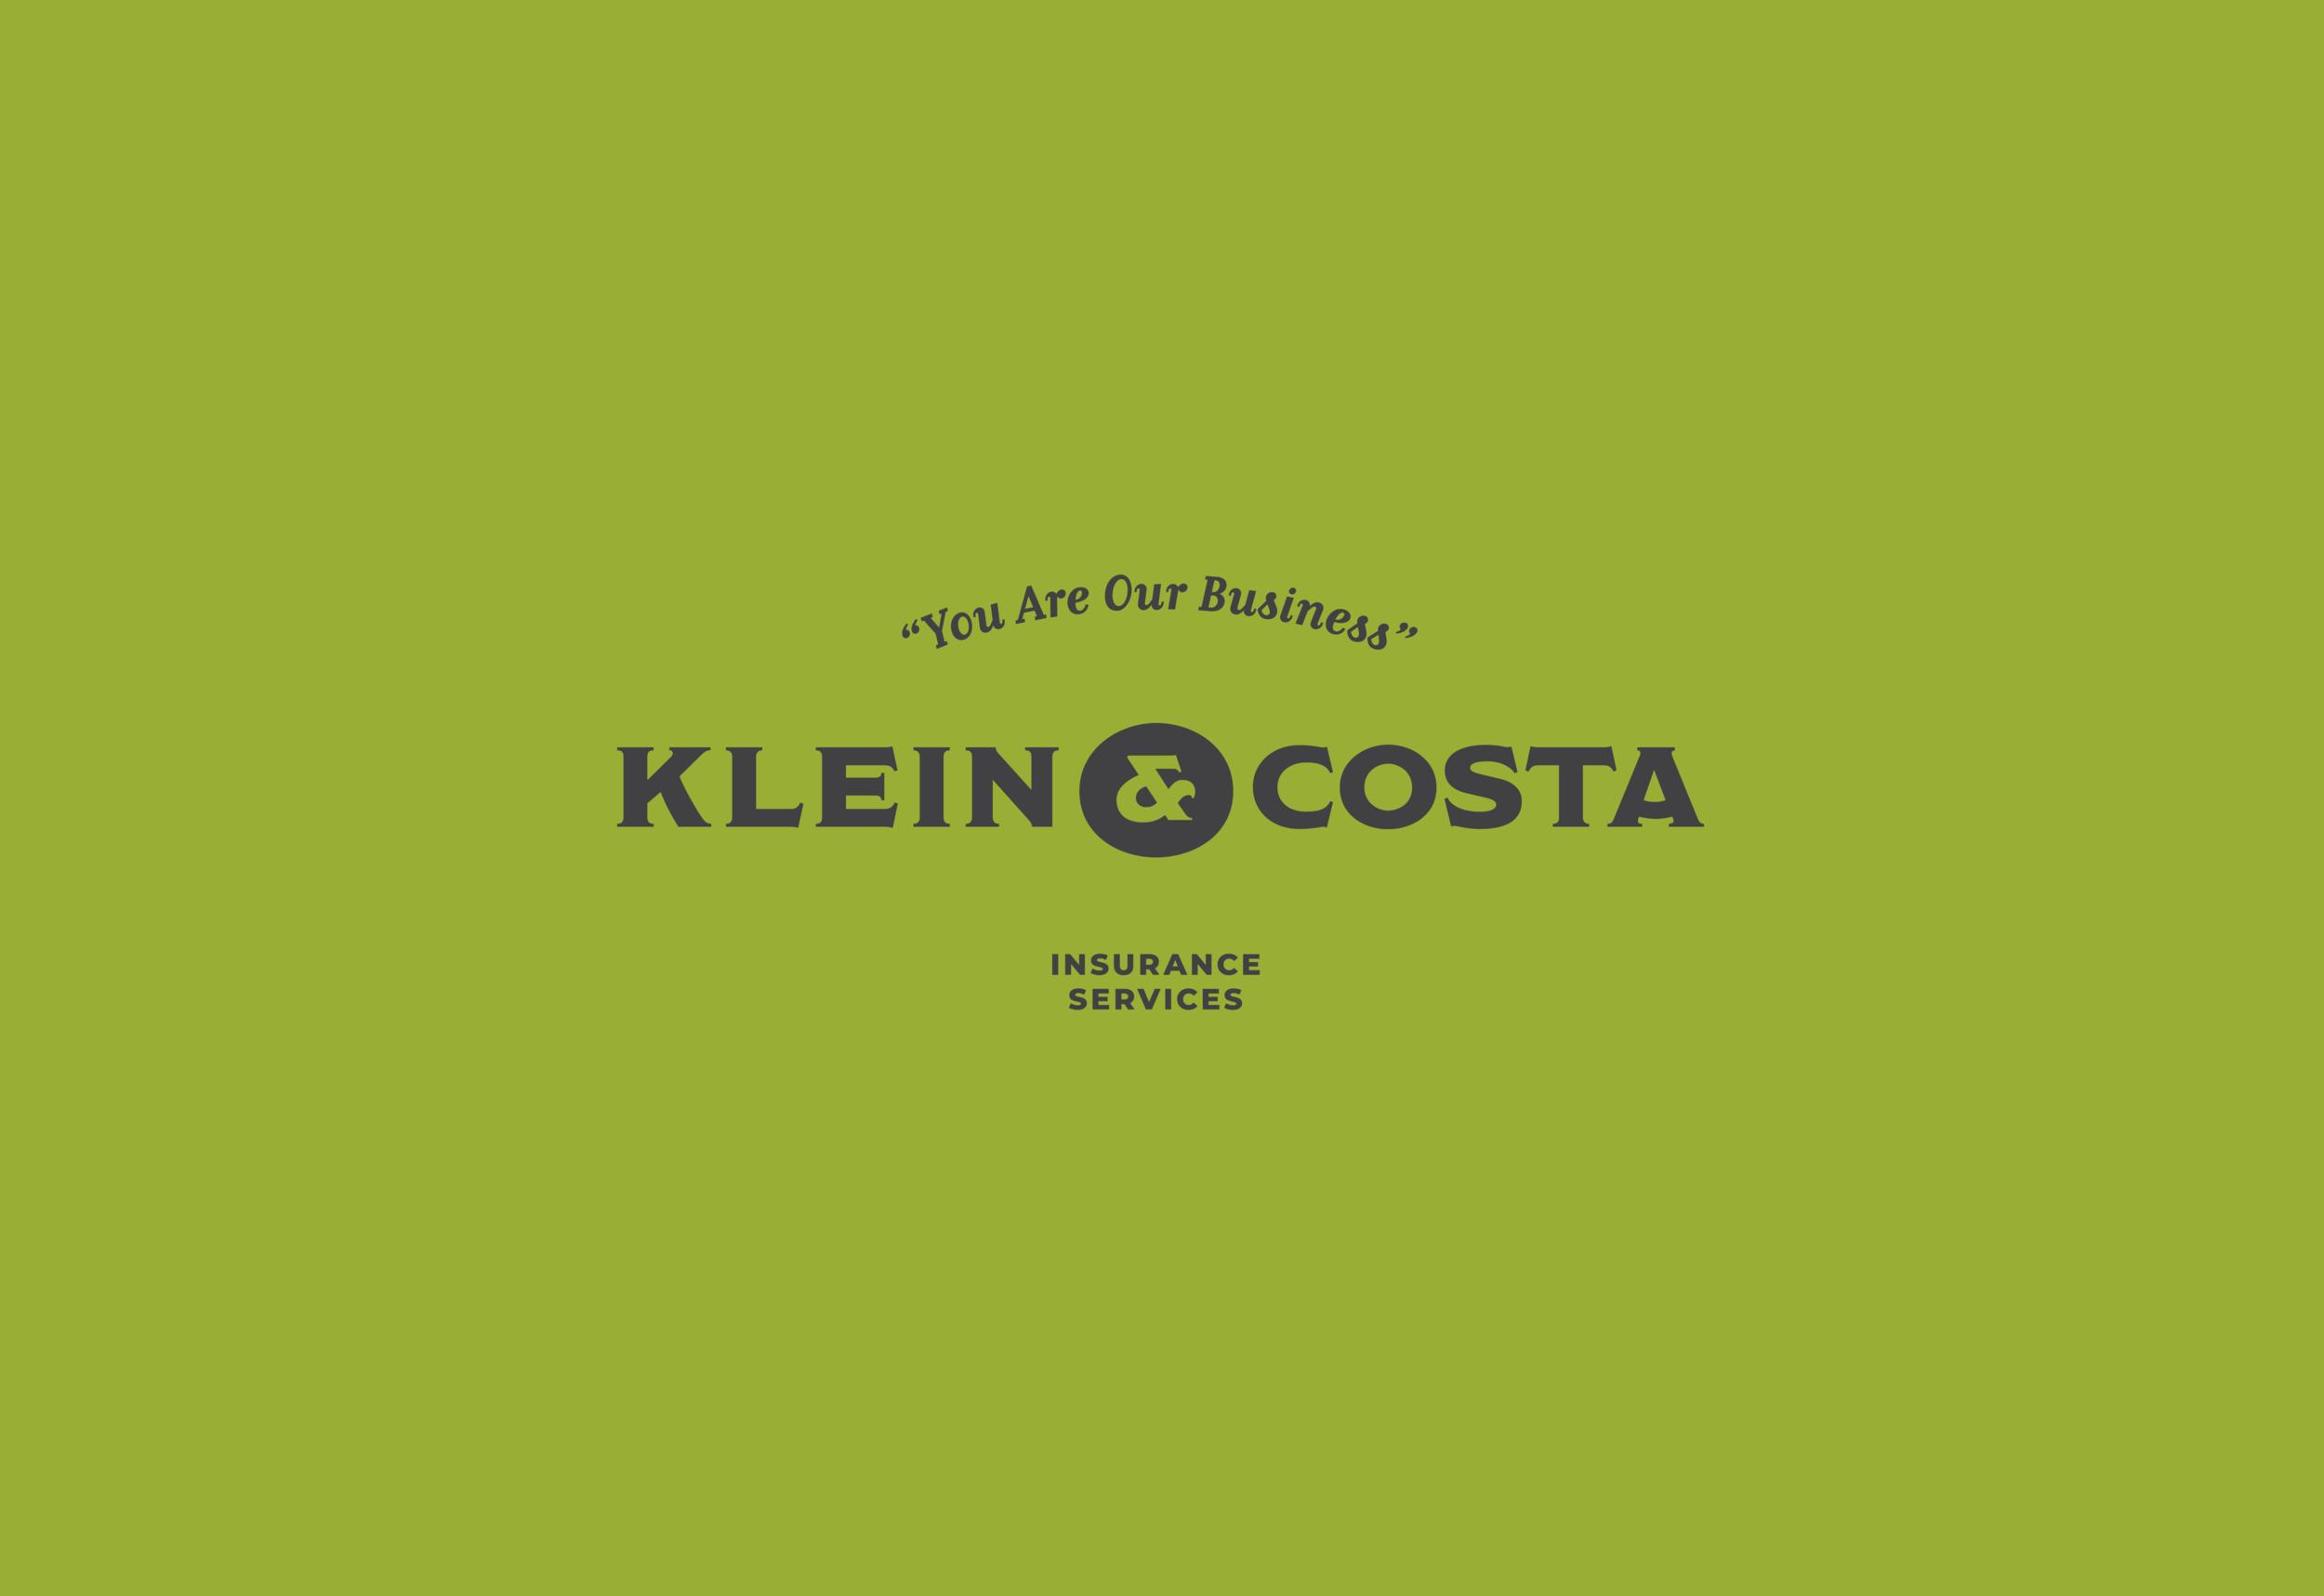 1K&C-Logo-Social copy@4x.png